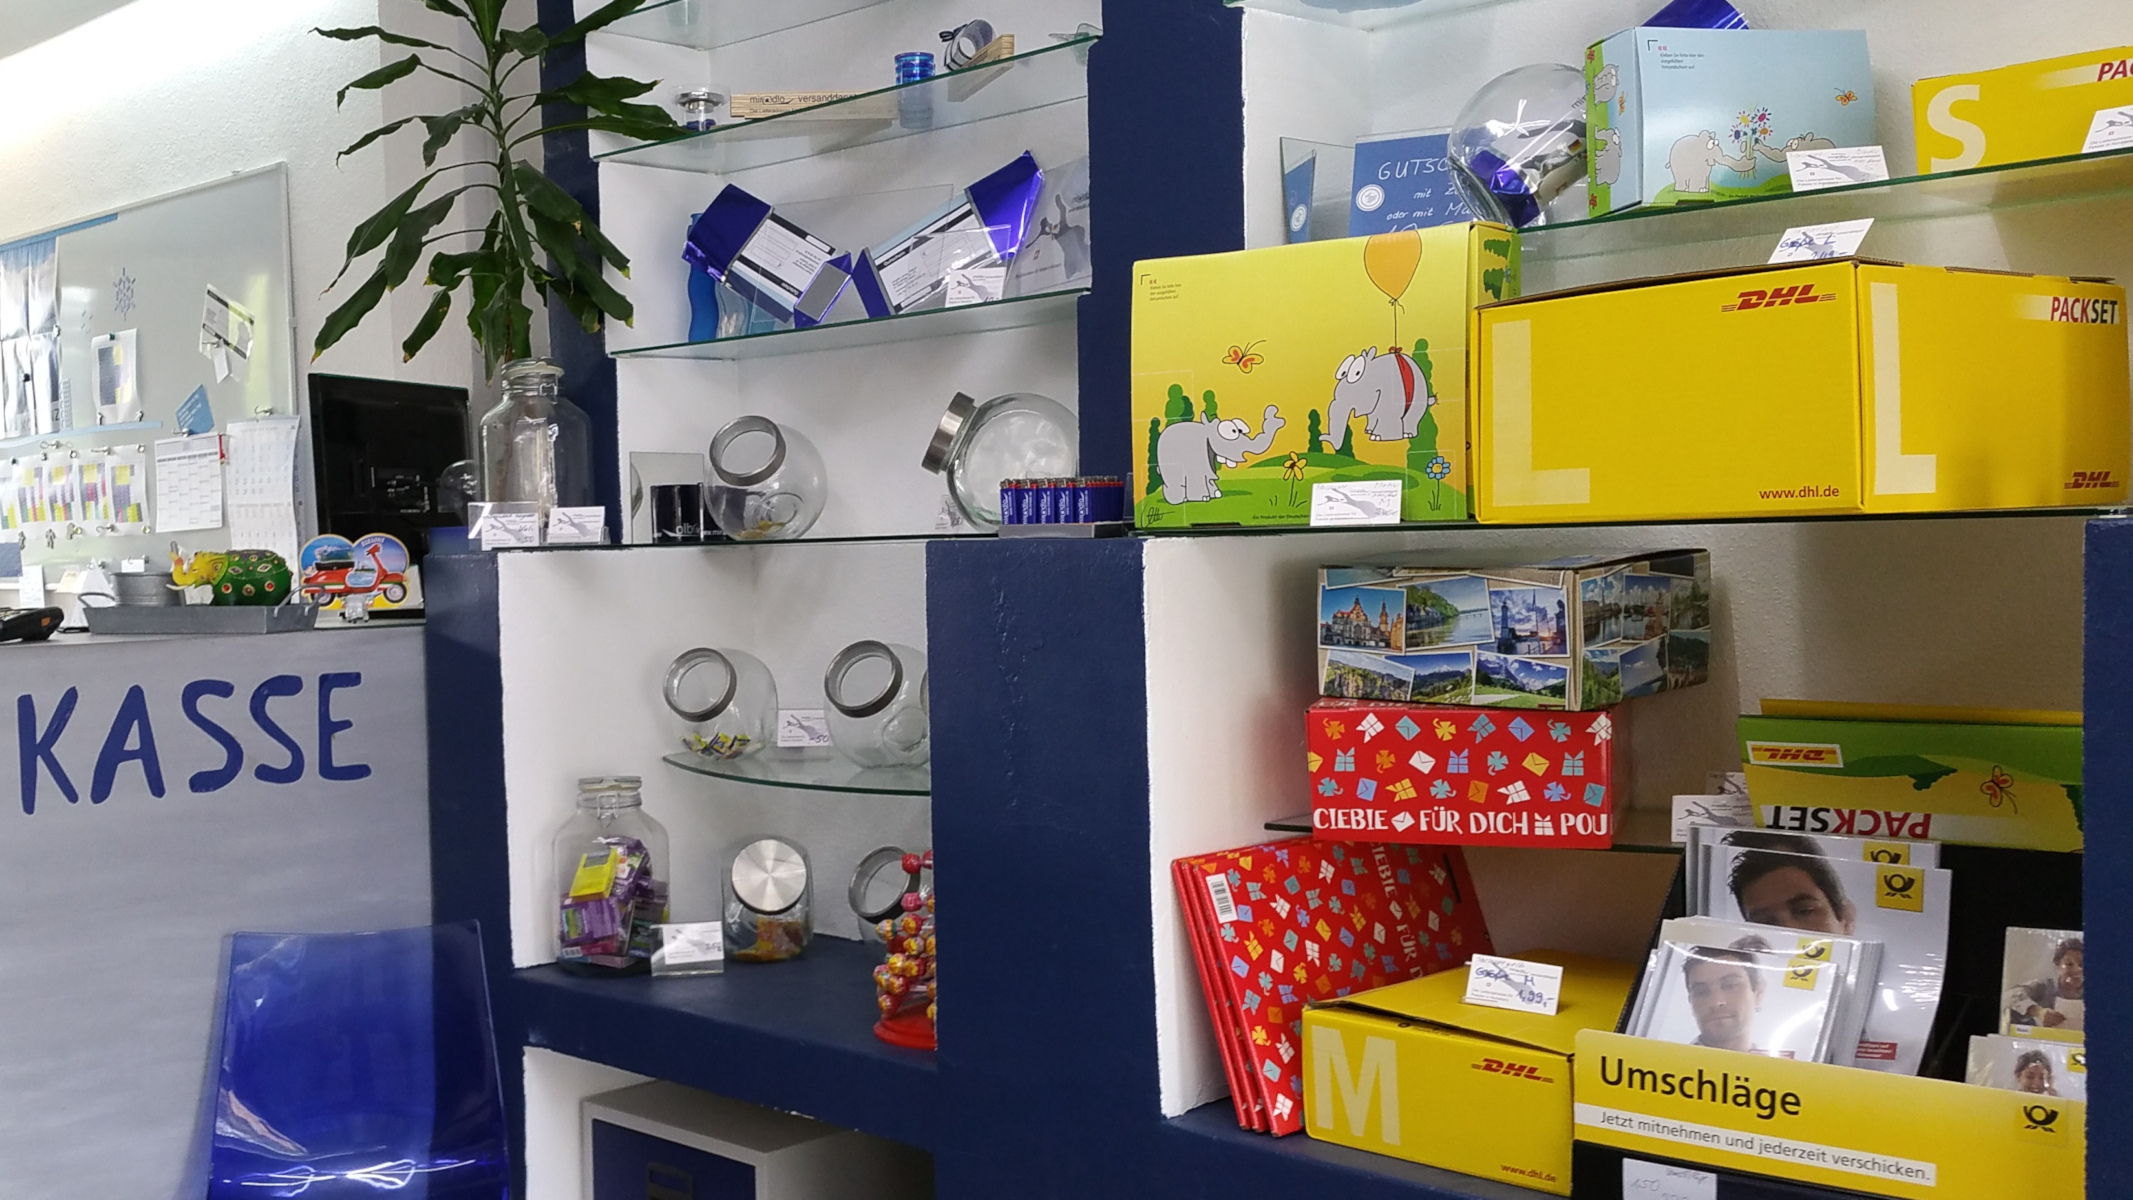 Packsets, Umschläge und Co beim miradlo Versanddepot Konstanz in unserem DHL-Paketshop